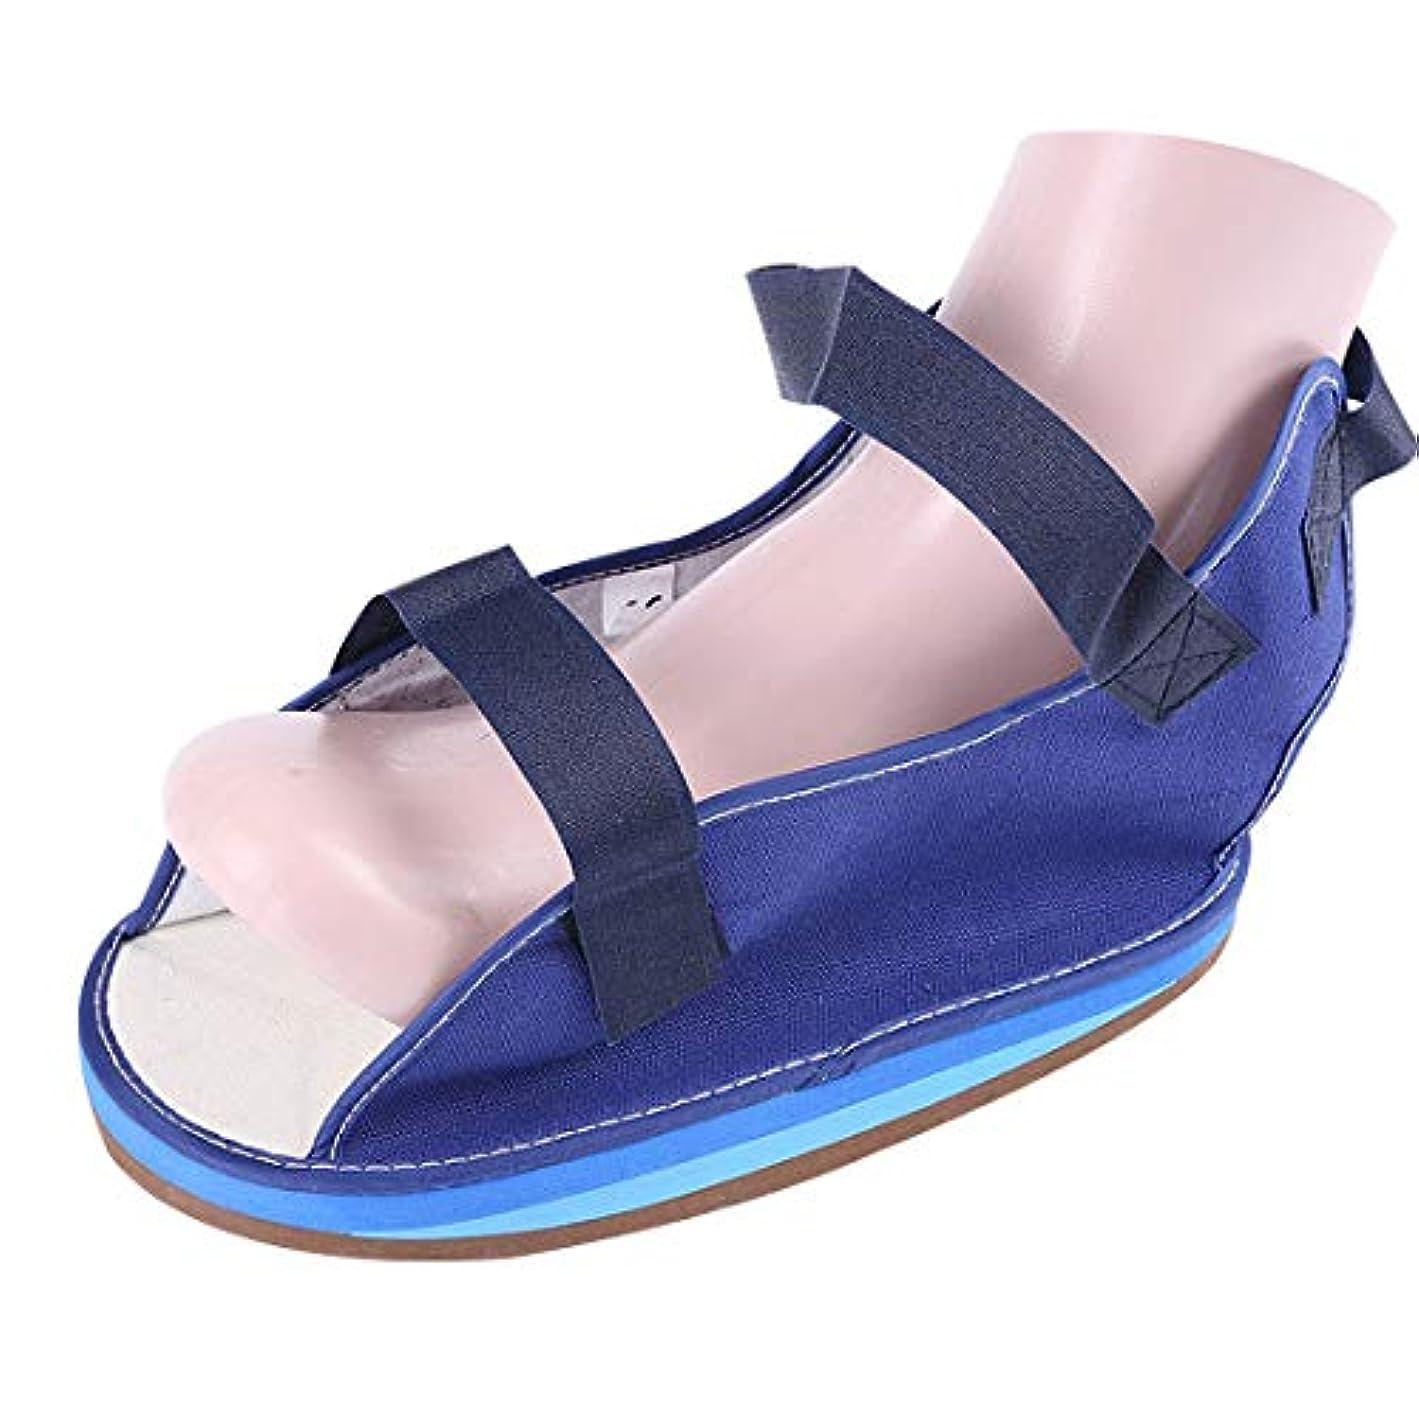 オリエンタルかけるビジネス医療足骨折石膏の回復靴の手術後のつま先の靴を安定化骨折の靴を調整可能なファスナーで完全なカバー,S22cm